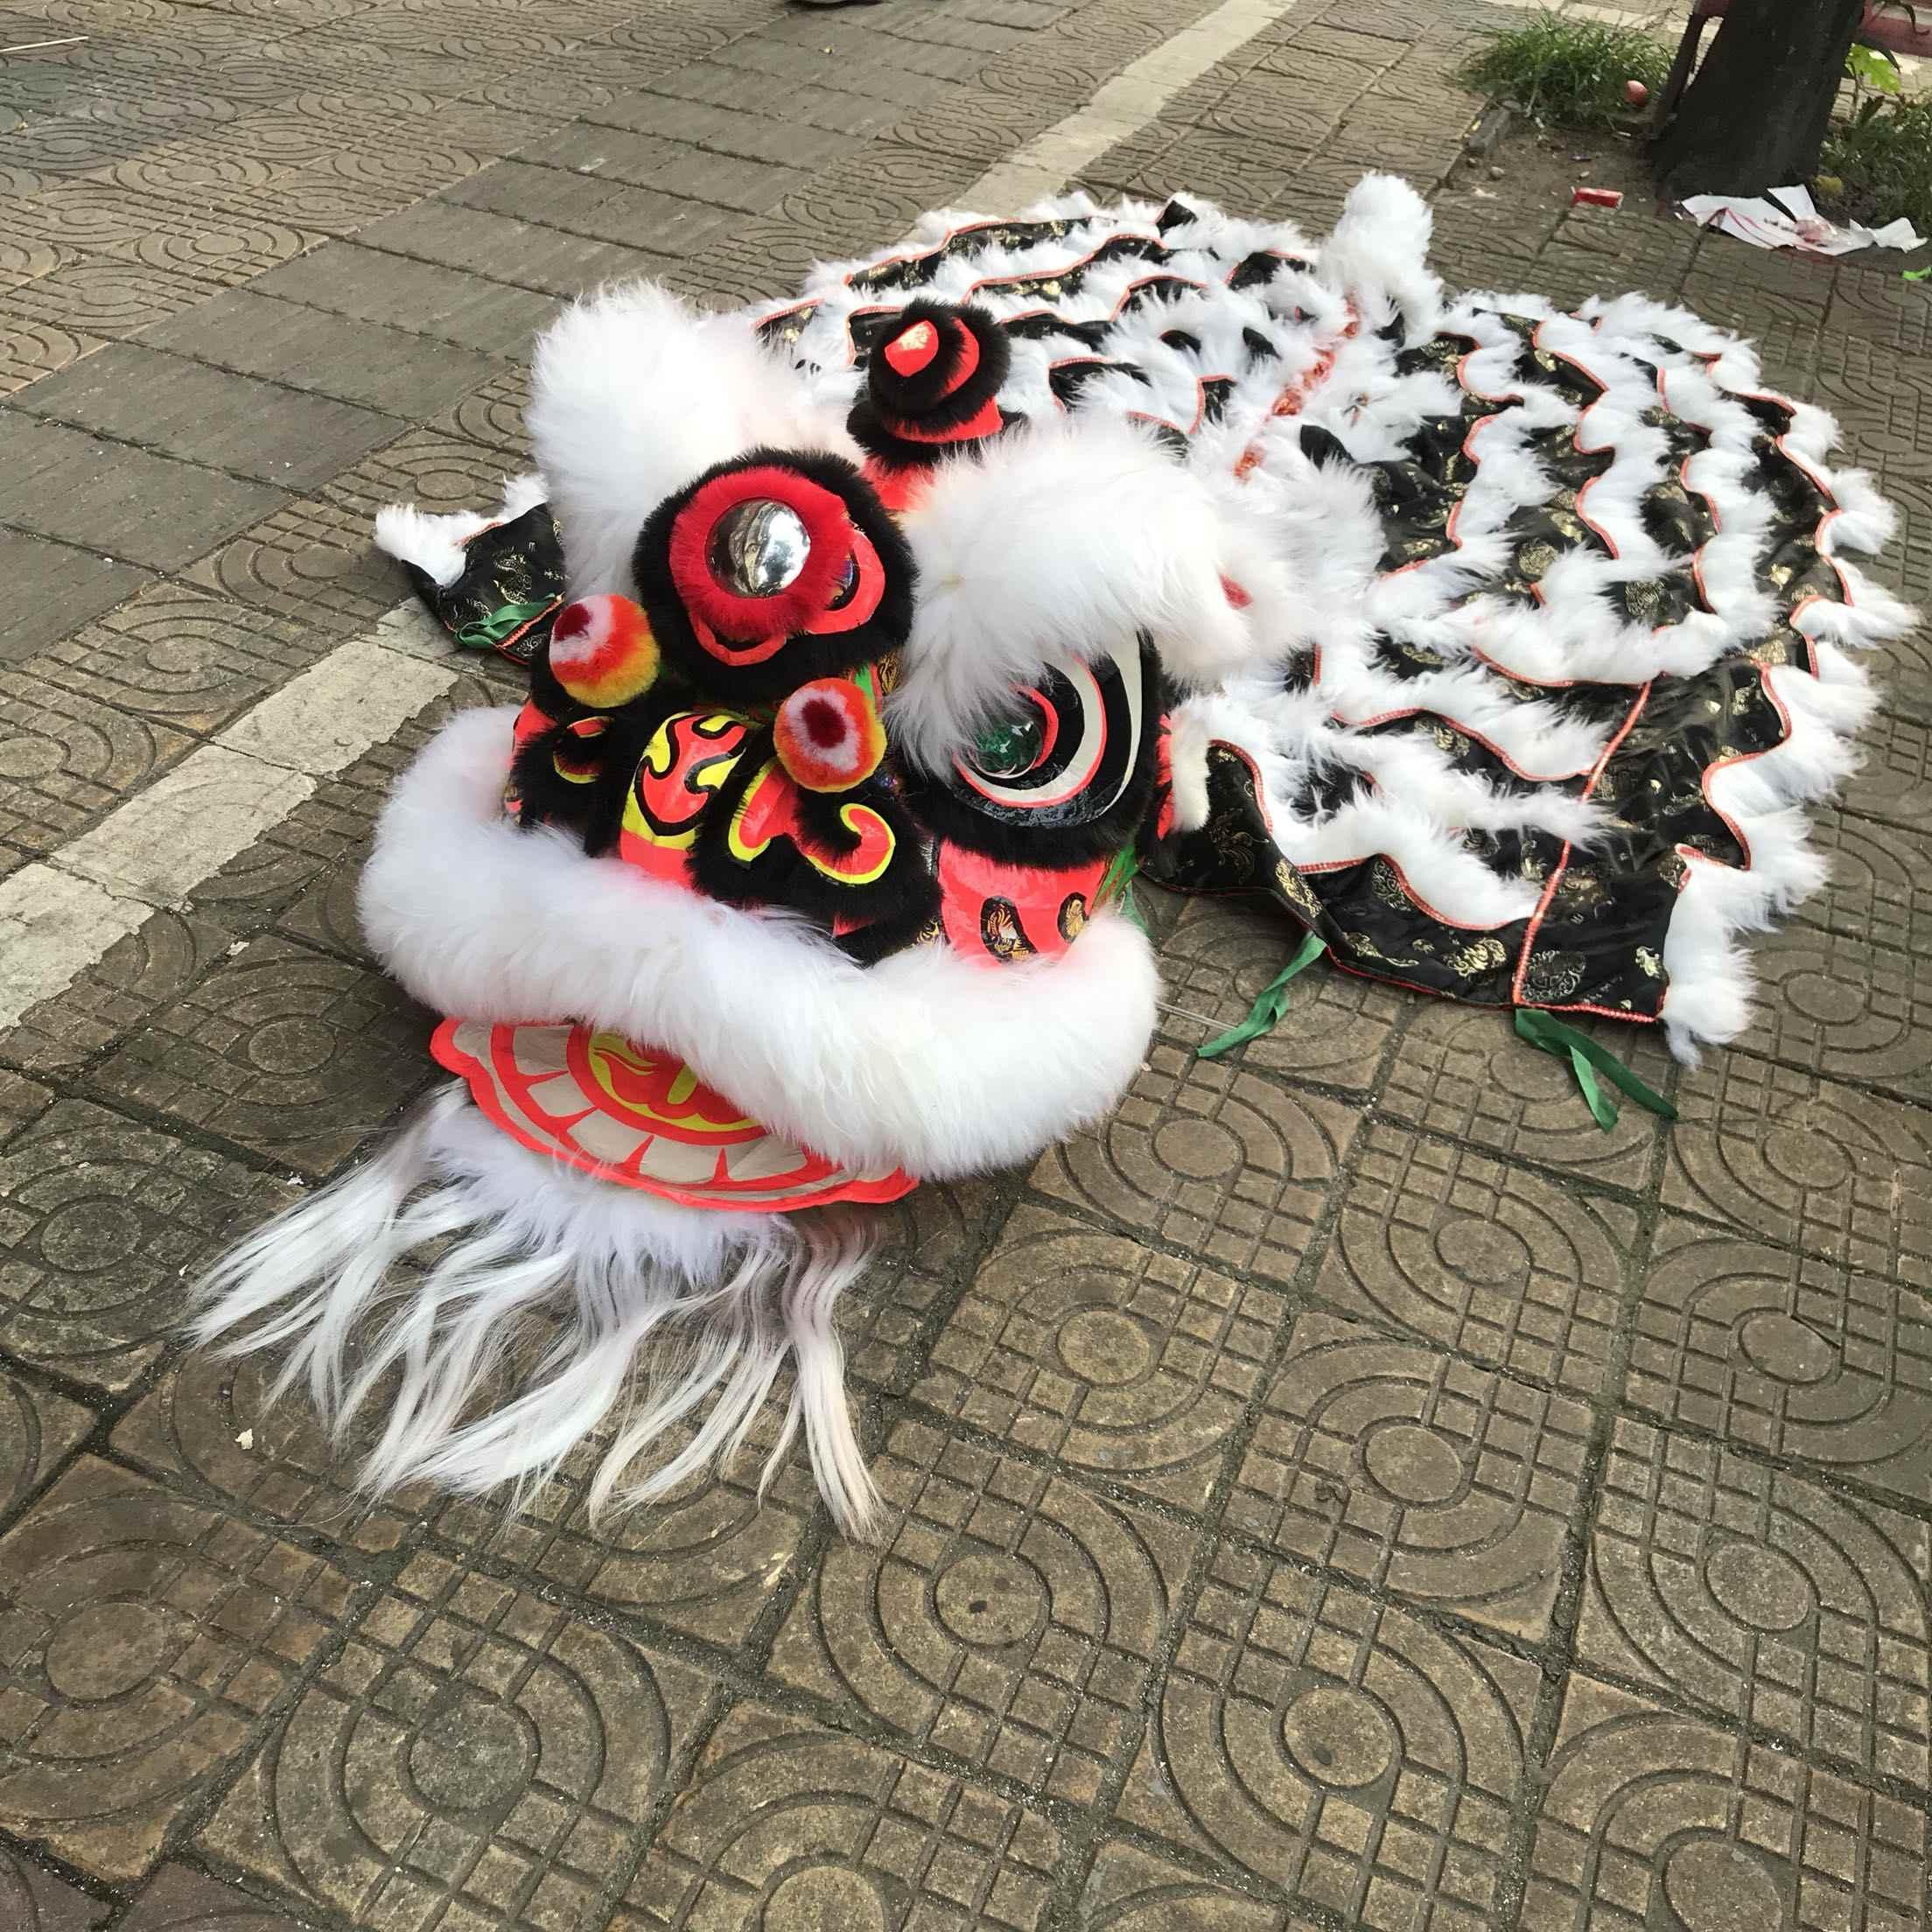 Фошань, австралийский шерстяной костюм льва для танцев, костюм талисмана, шерстяная Китайская народная живопись, Южный Лев, два взрослых, косплей, вечерние, для игр, реклама